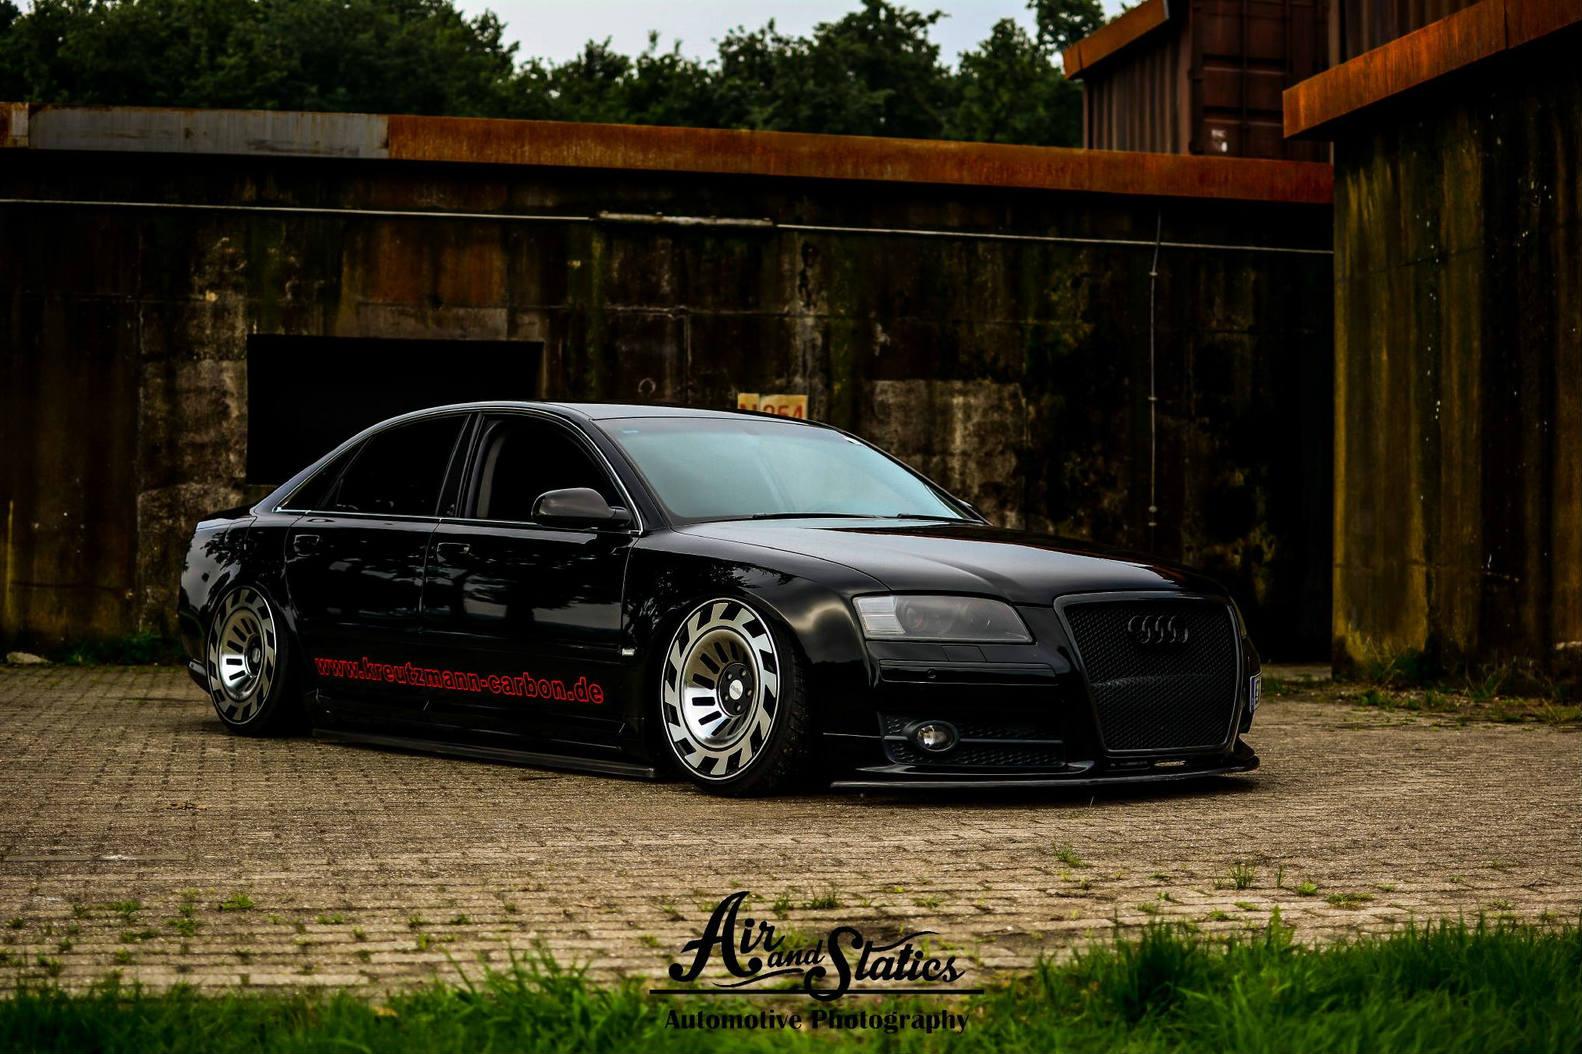 Preparadora Alema Soca Audi S8 D3 No Chao E Coloca Rodas Exclusivas No Seda Fullpower